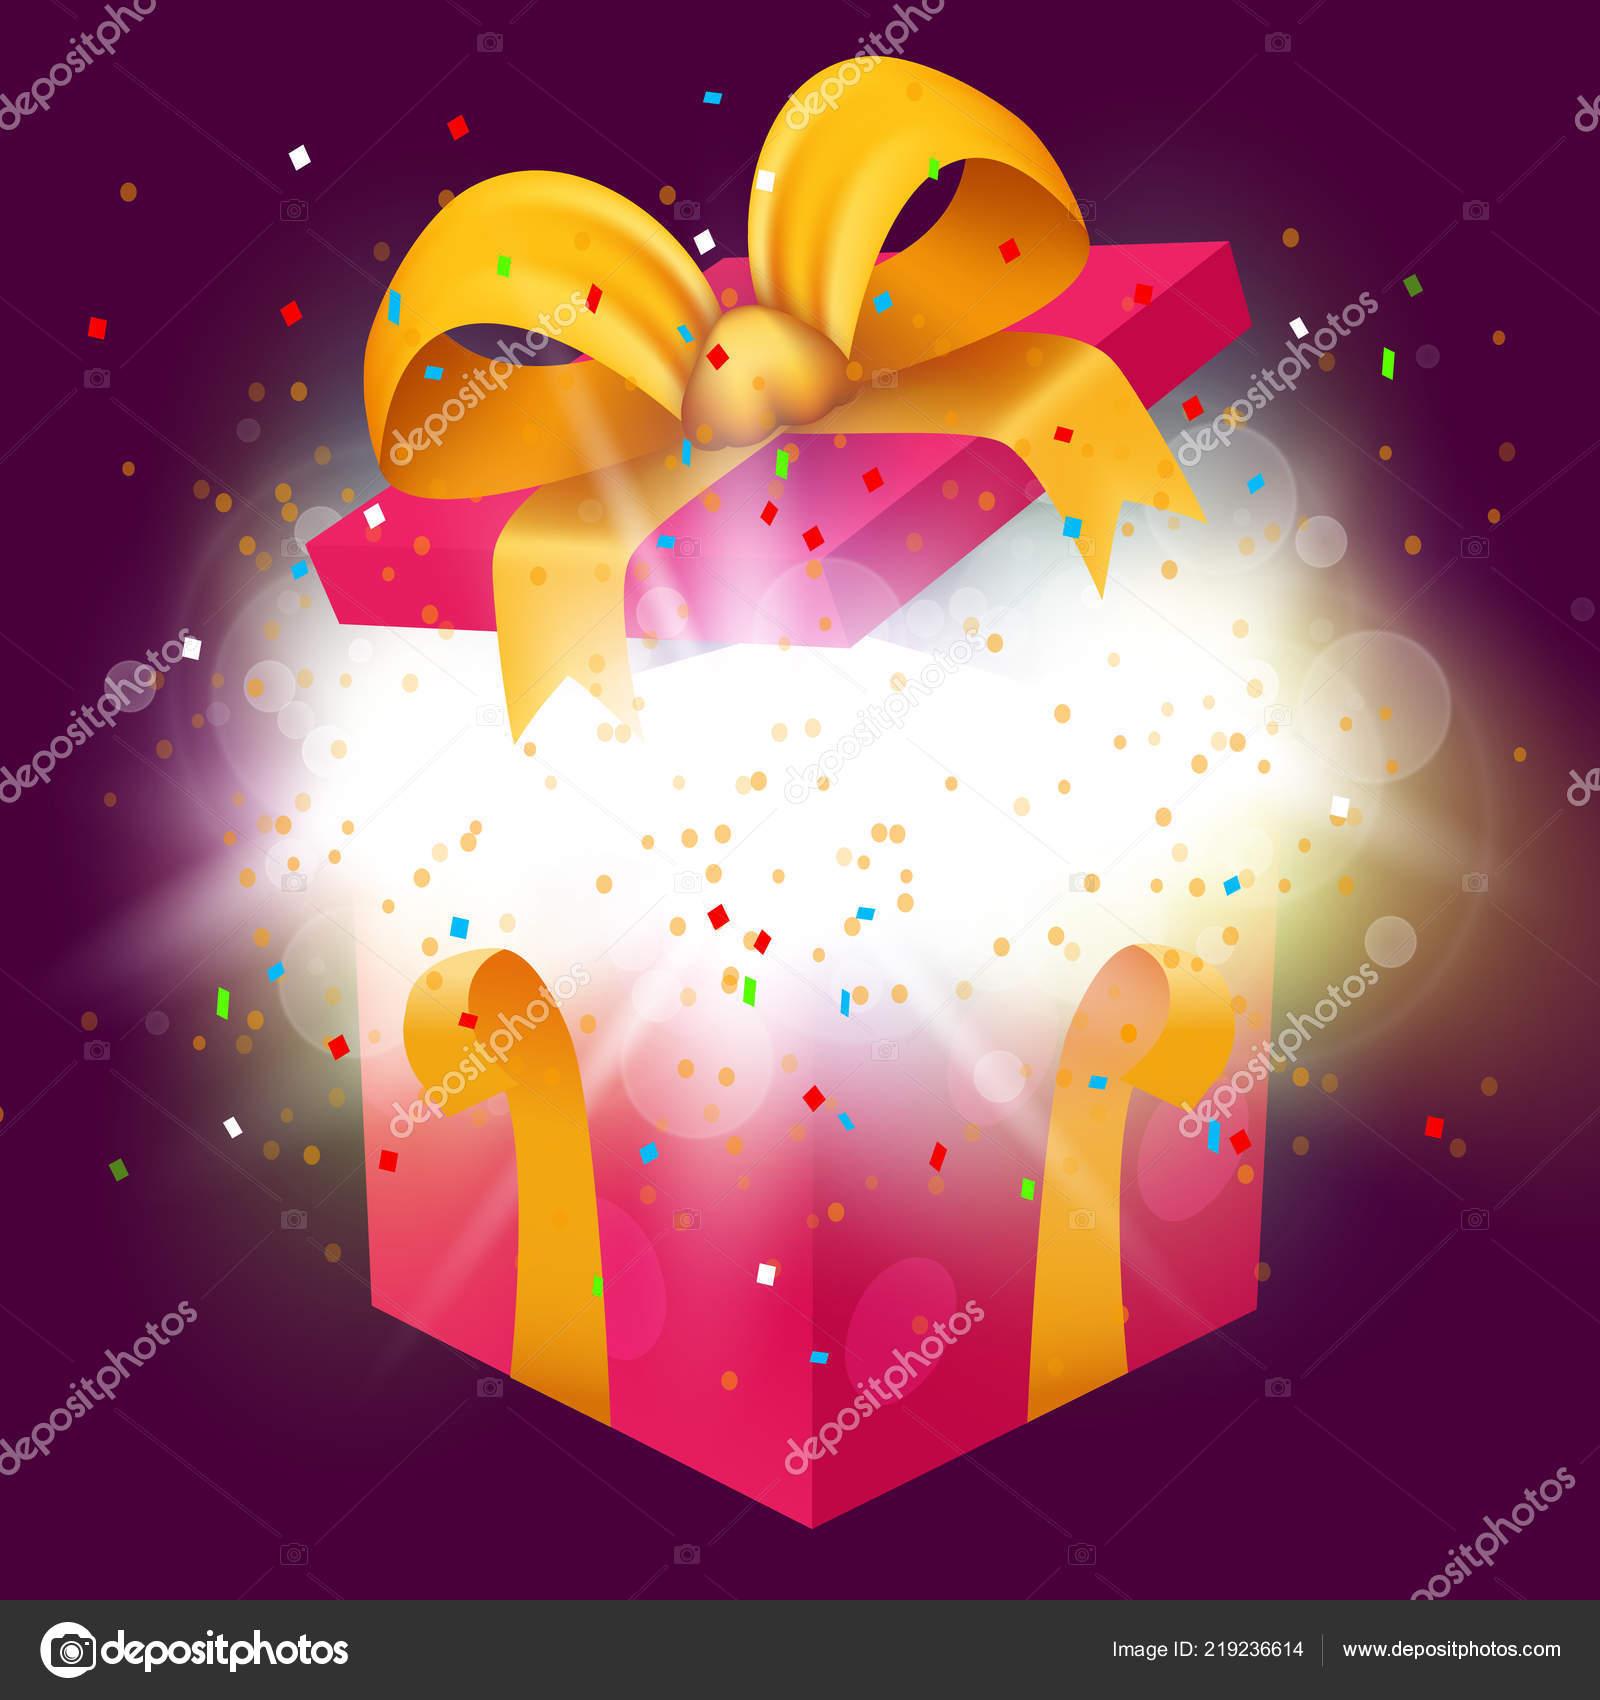 Cadeau surprise explode